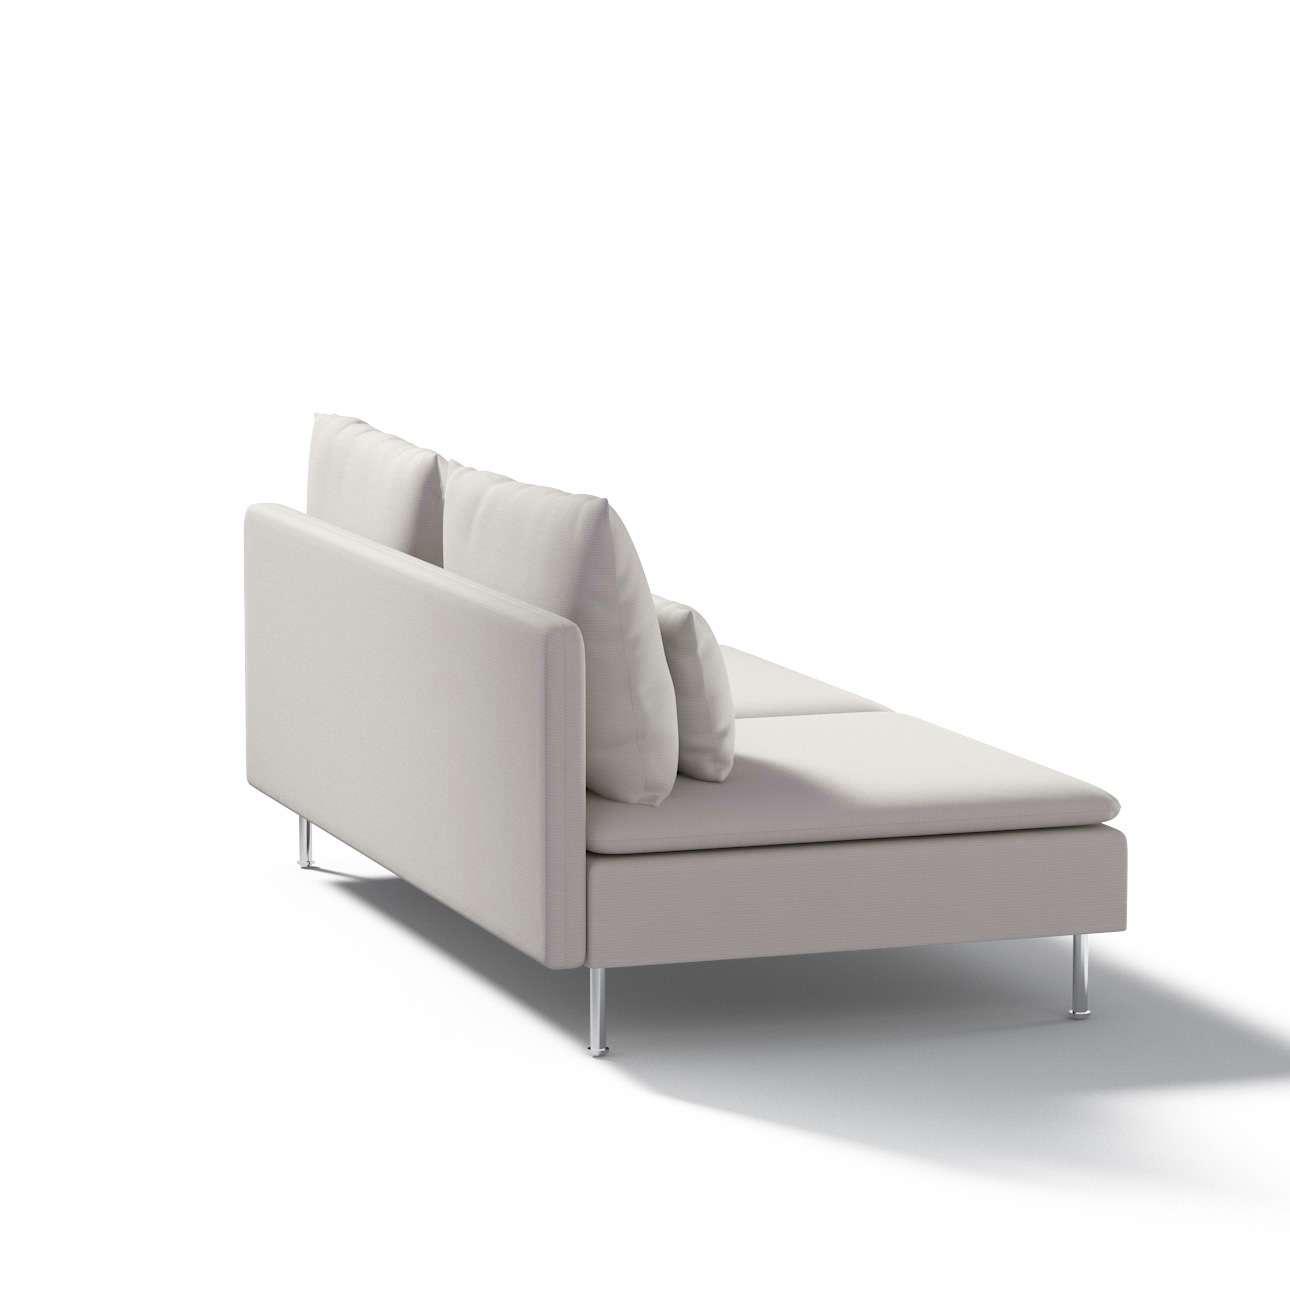 Söderhamn Bezug für Sitzelement 3 Sitzelement 3 von der Kollektion Cotton Panama, Stoff: 702-31